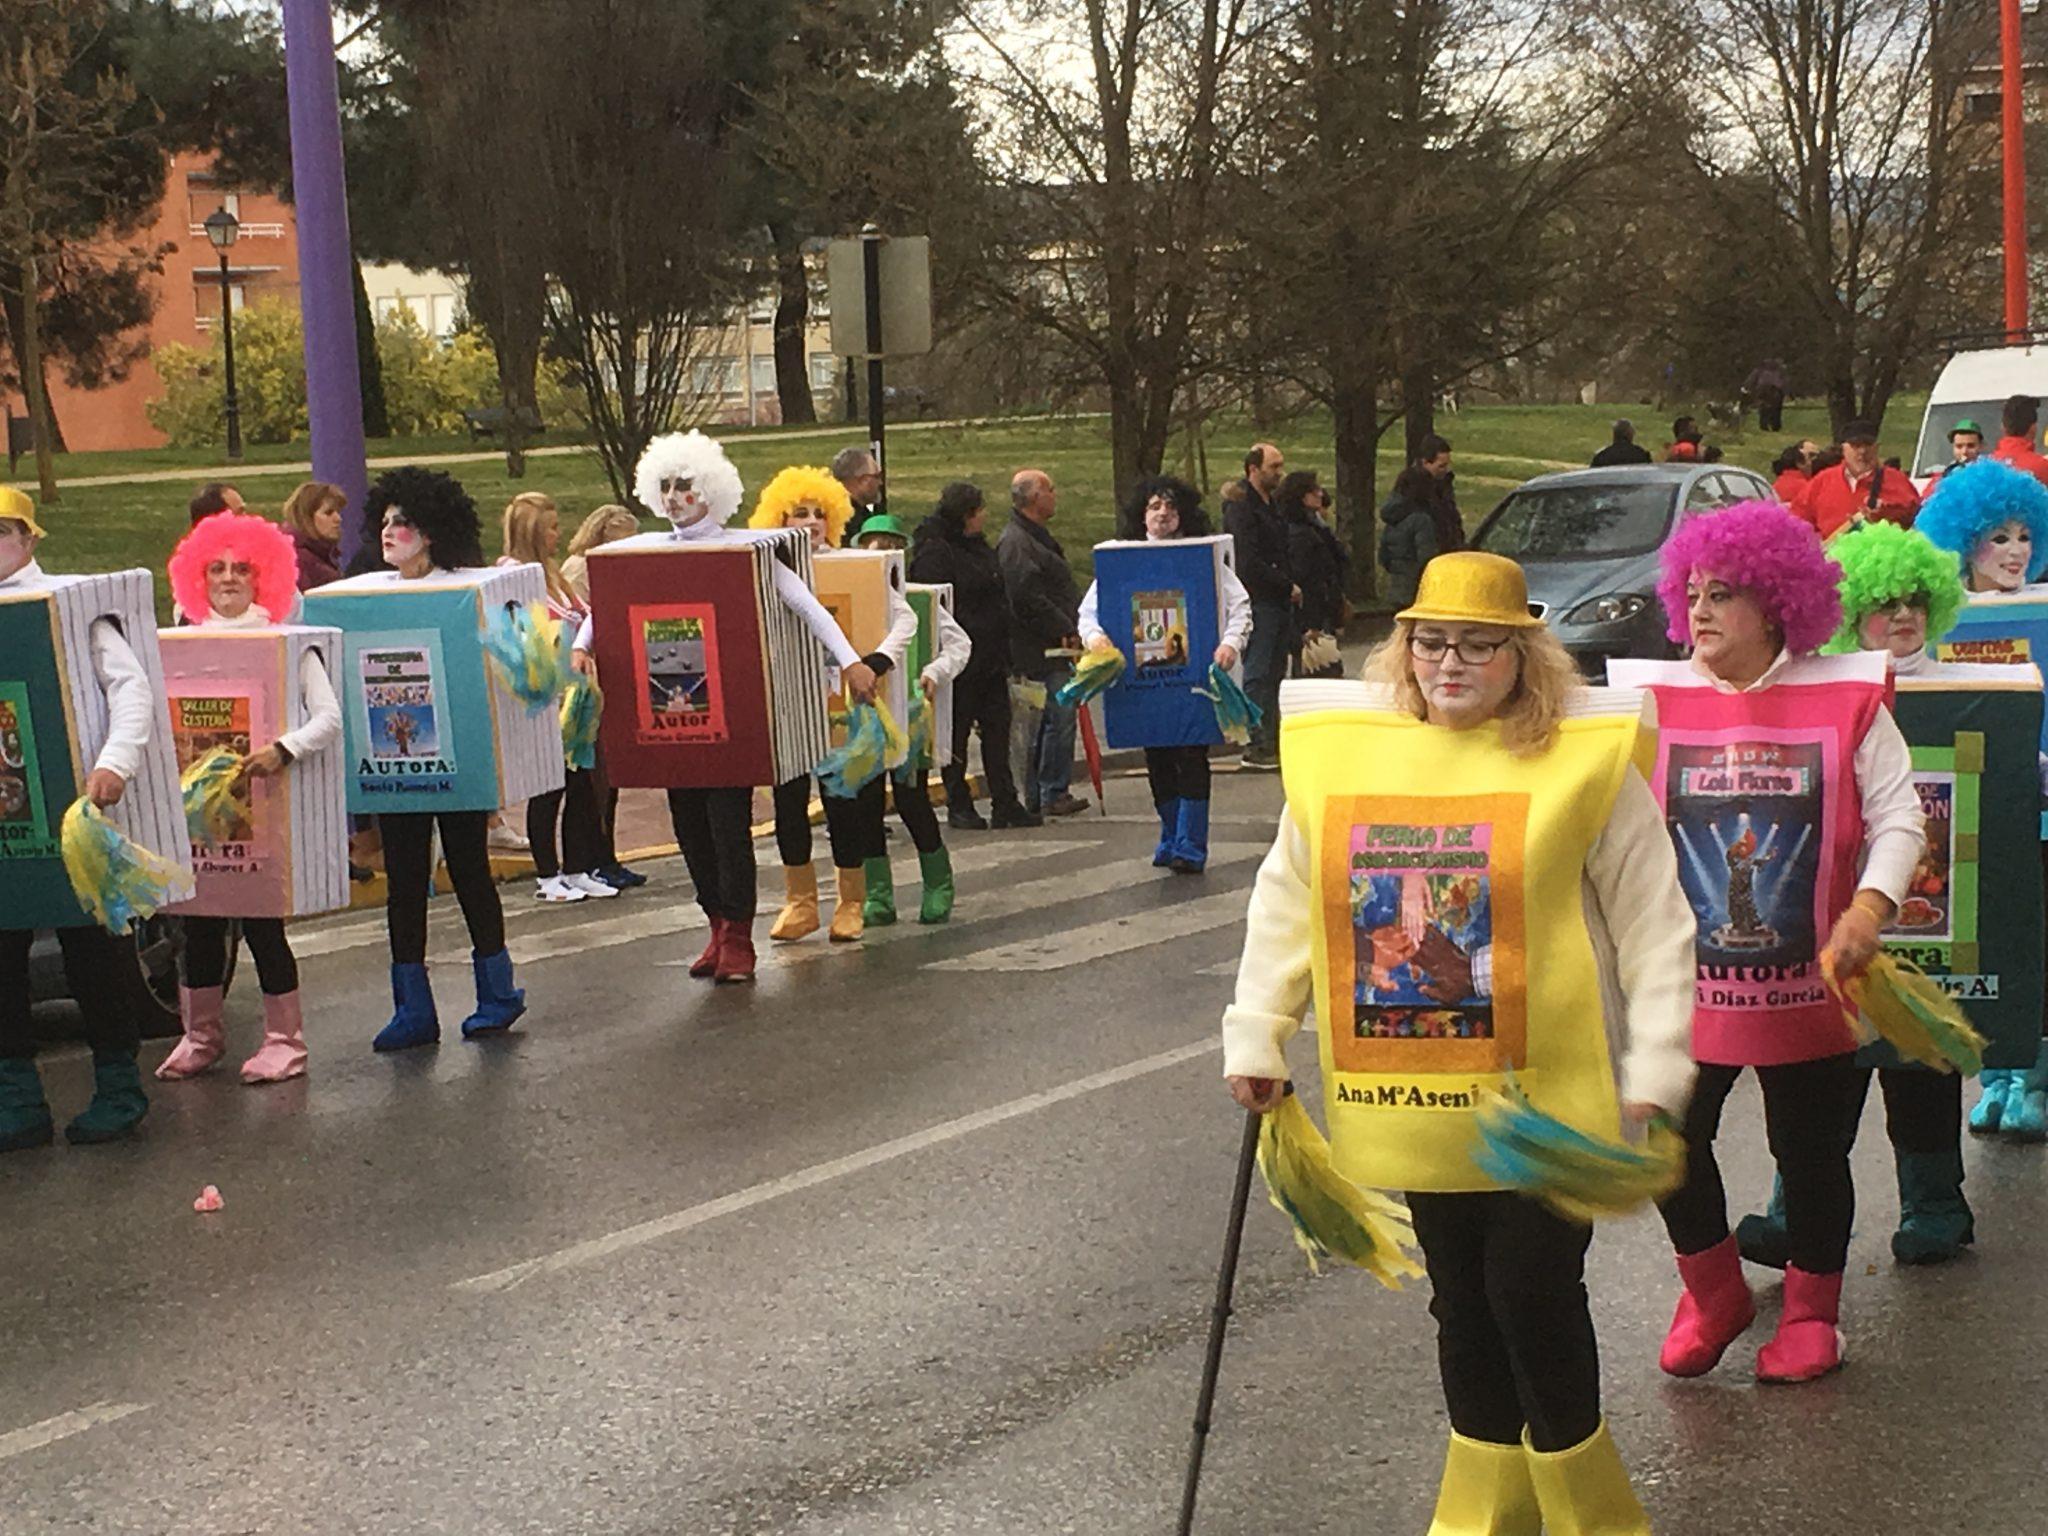 Álbum de fotos del martes de Carnaval 2019 en Ponferrada 37